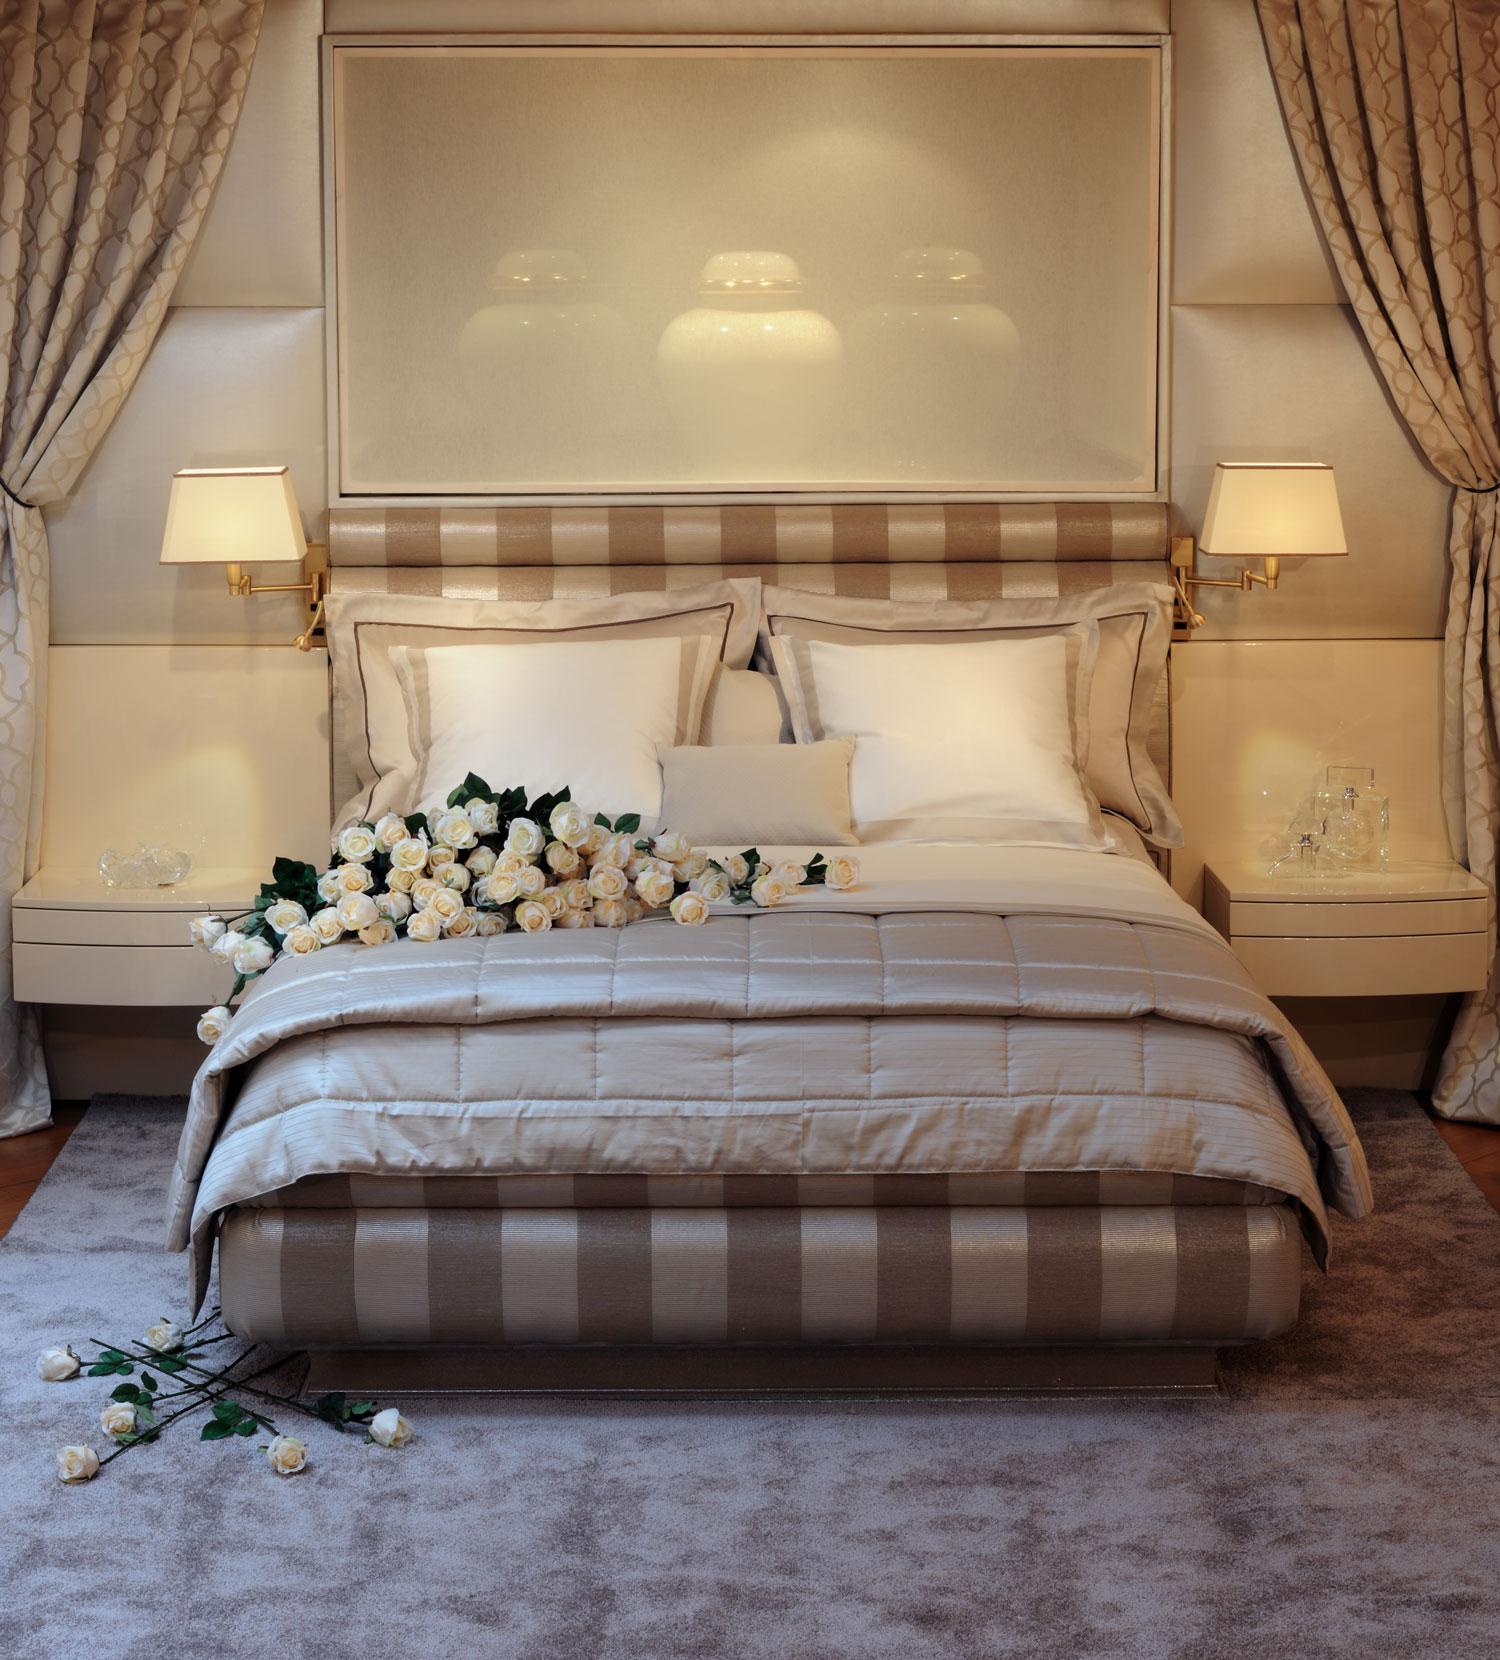 chambre a coucher madelia paris la plus belle chambre mobilier de luxe 0 shares facebook google print friendly